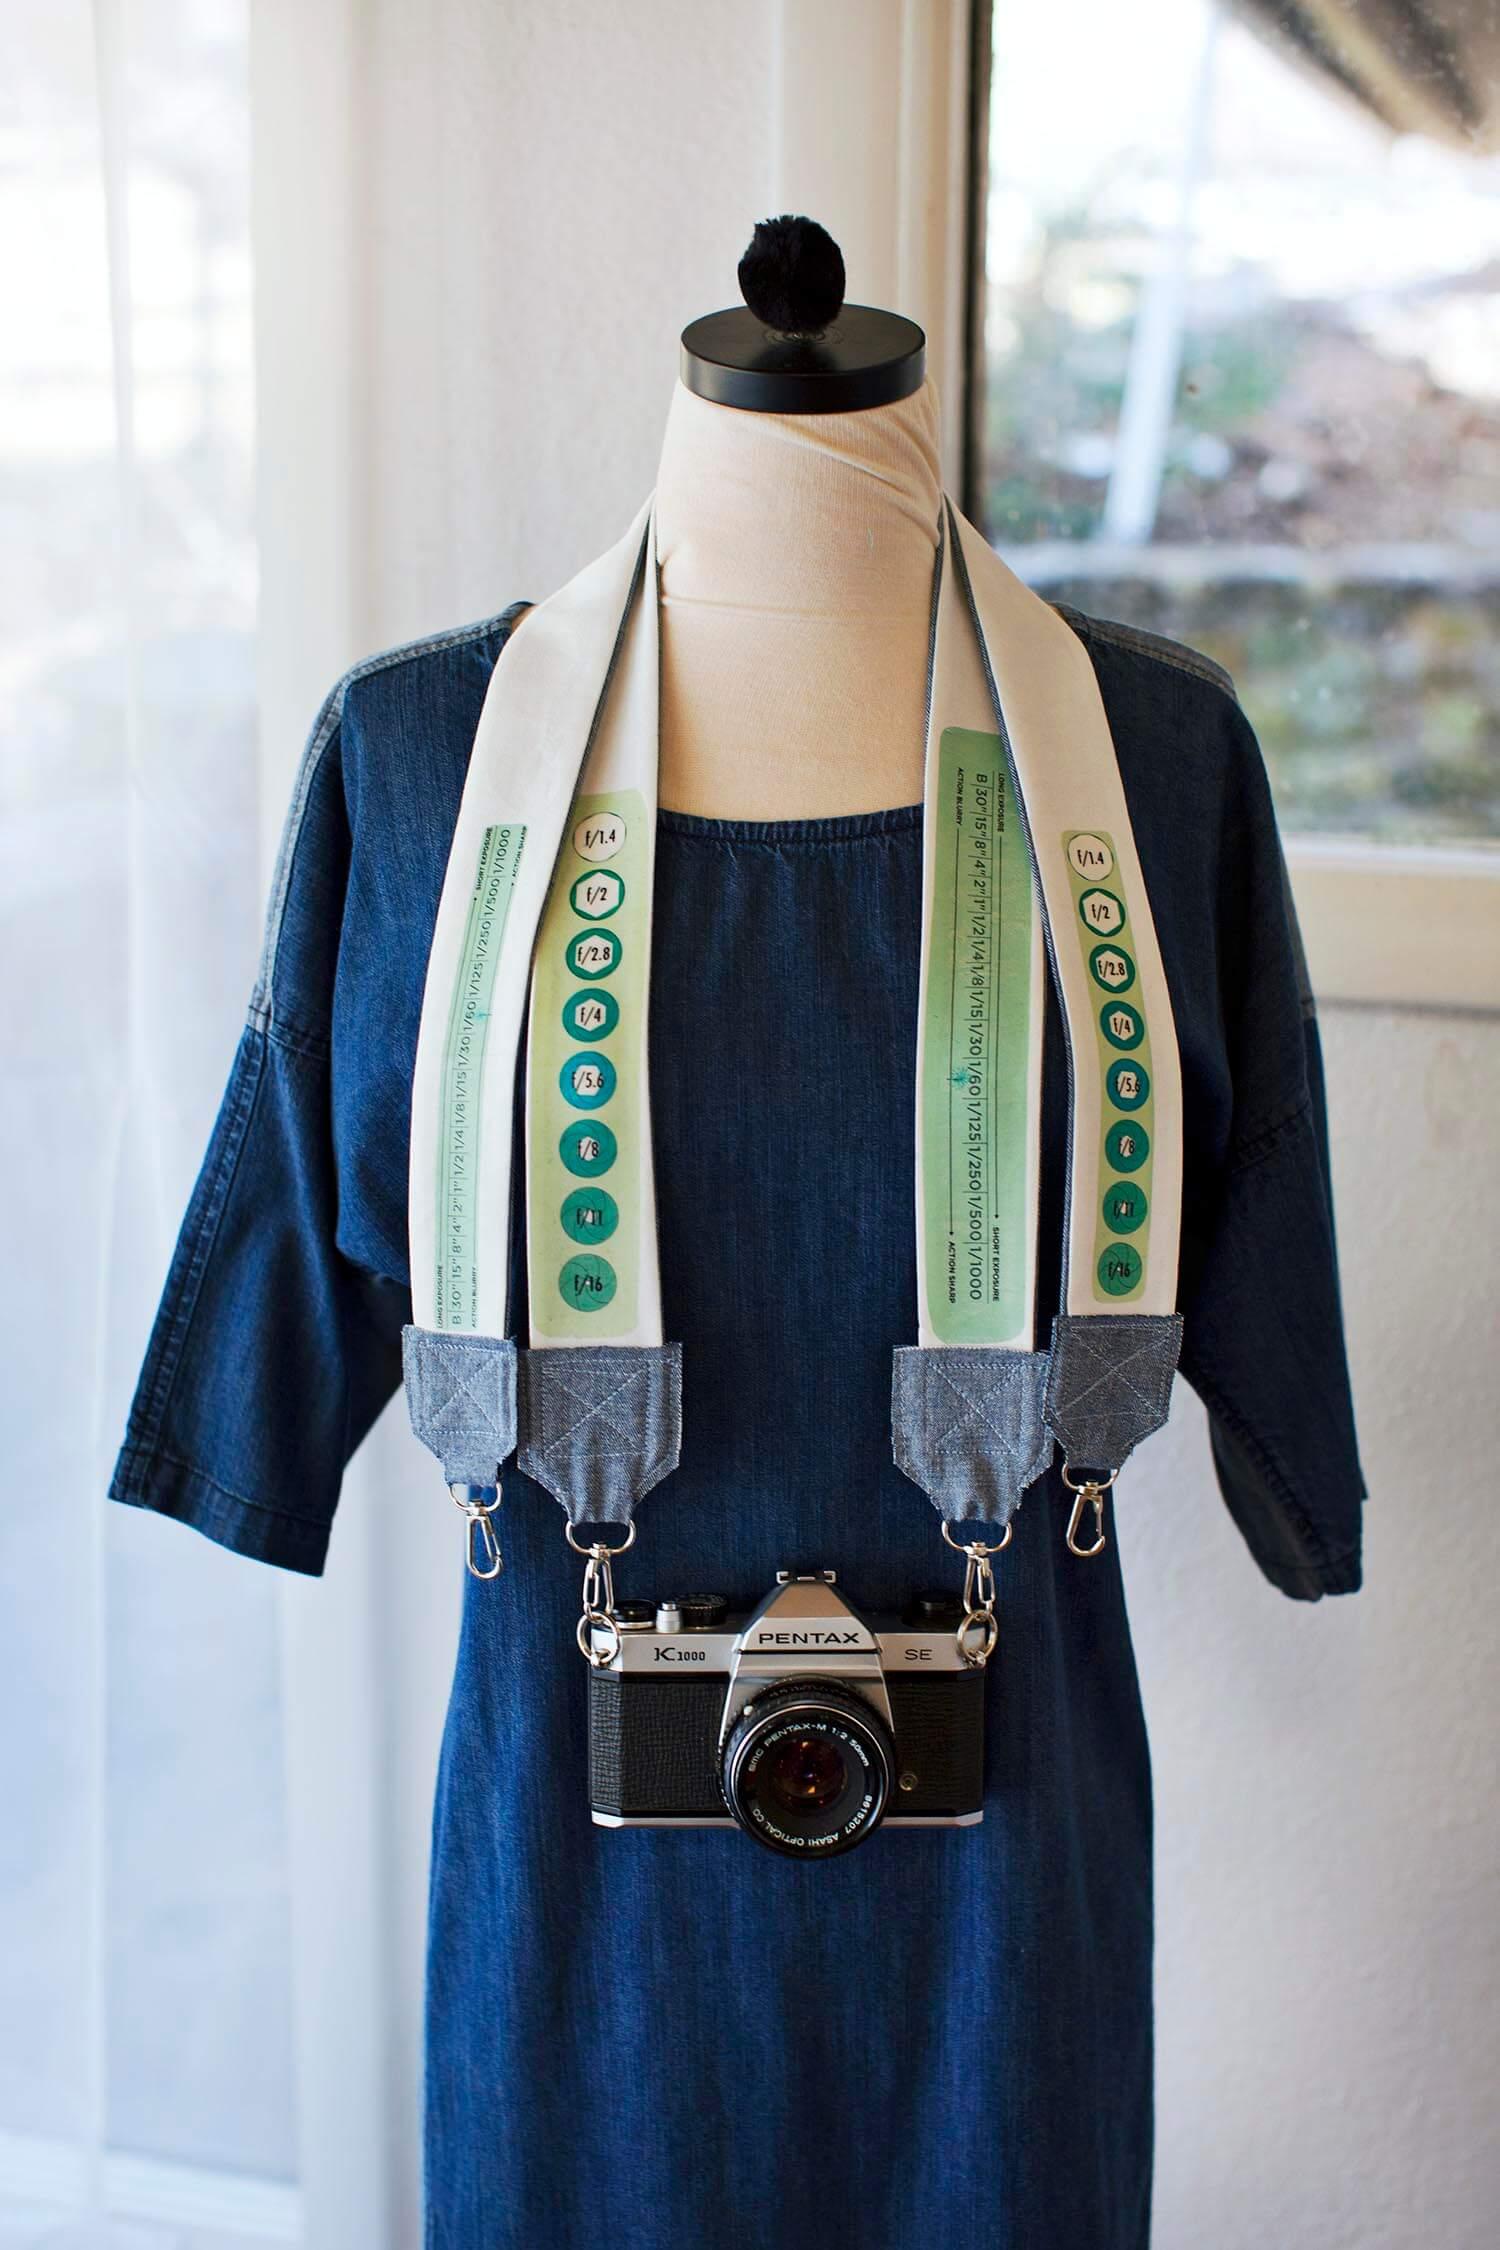 Camera strap proto type